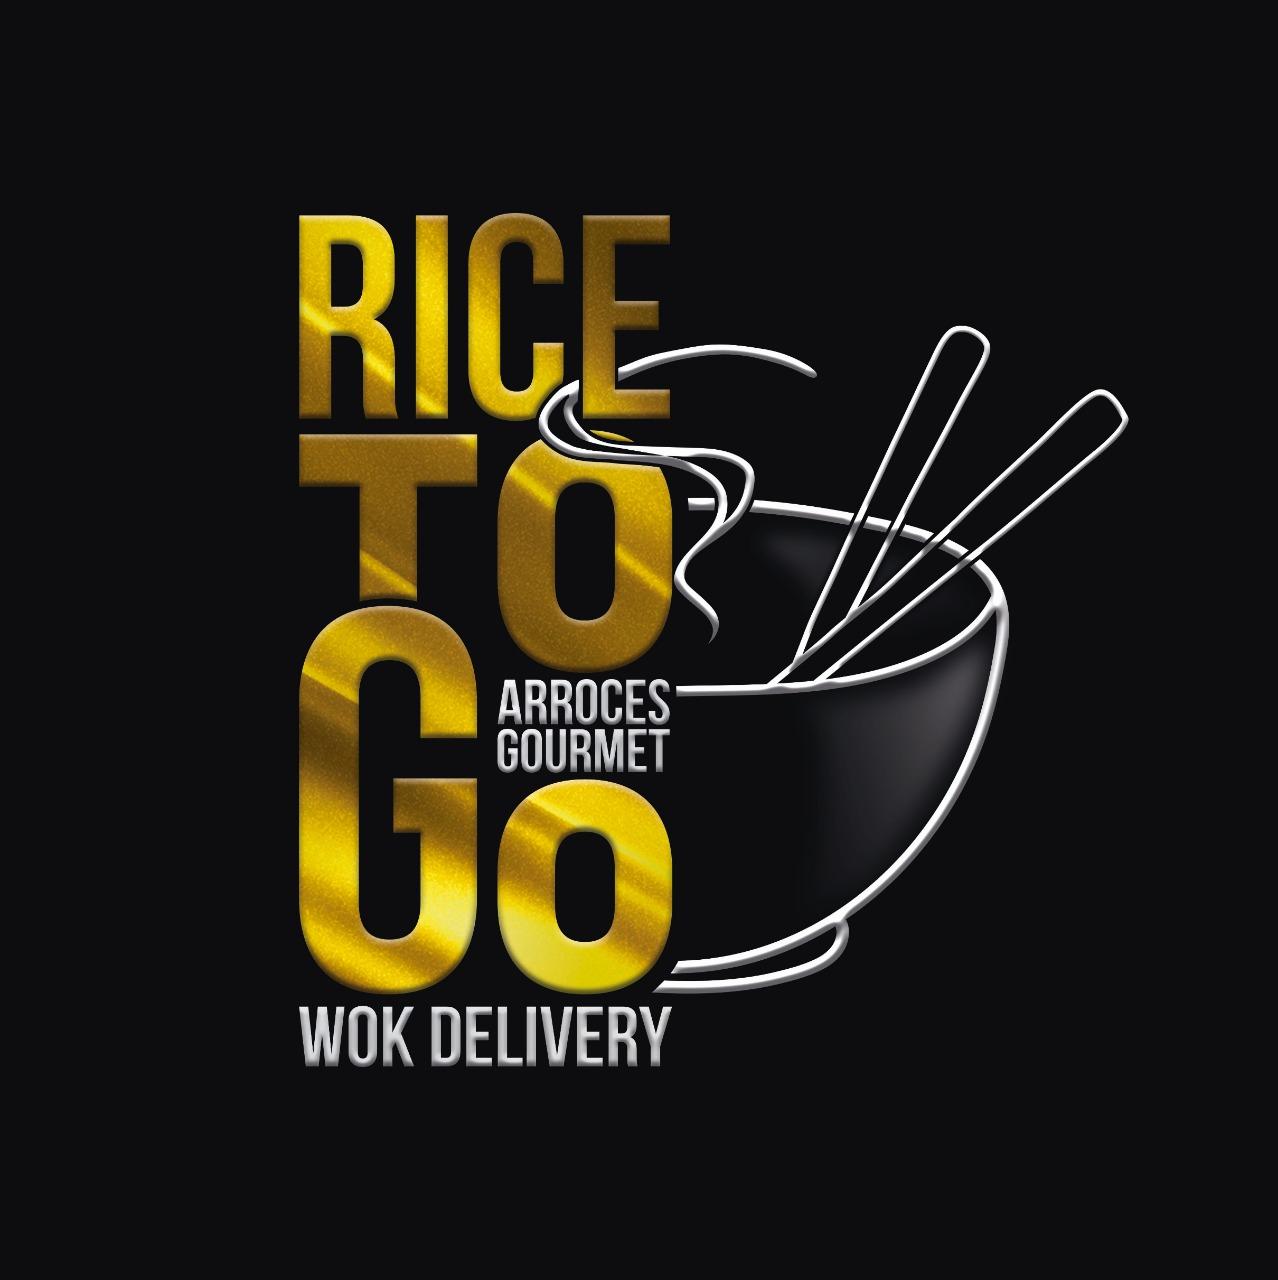 Rice to Go